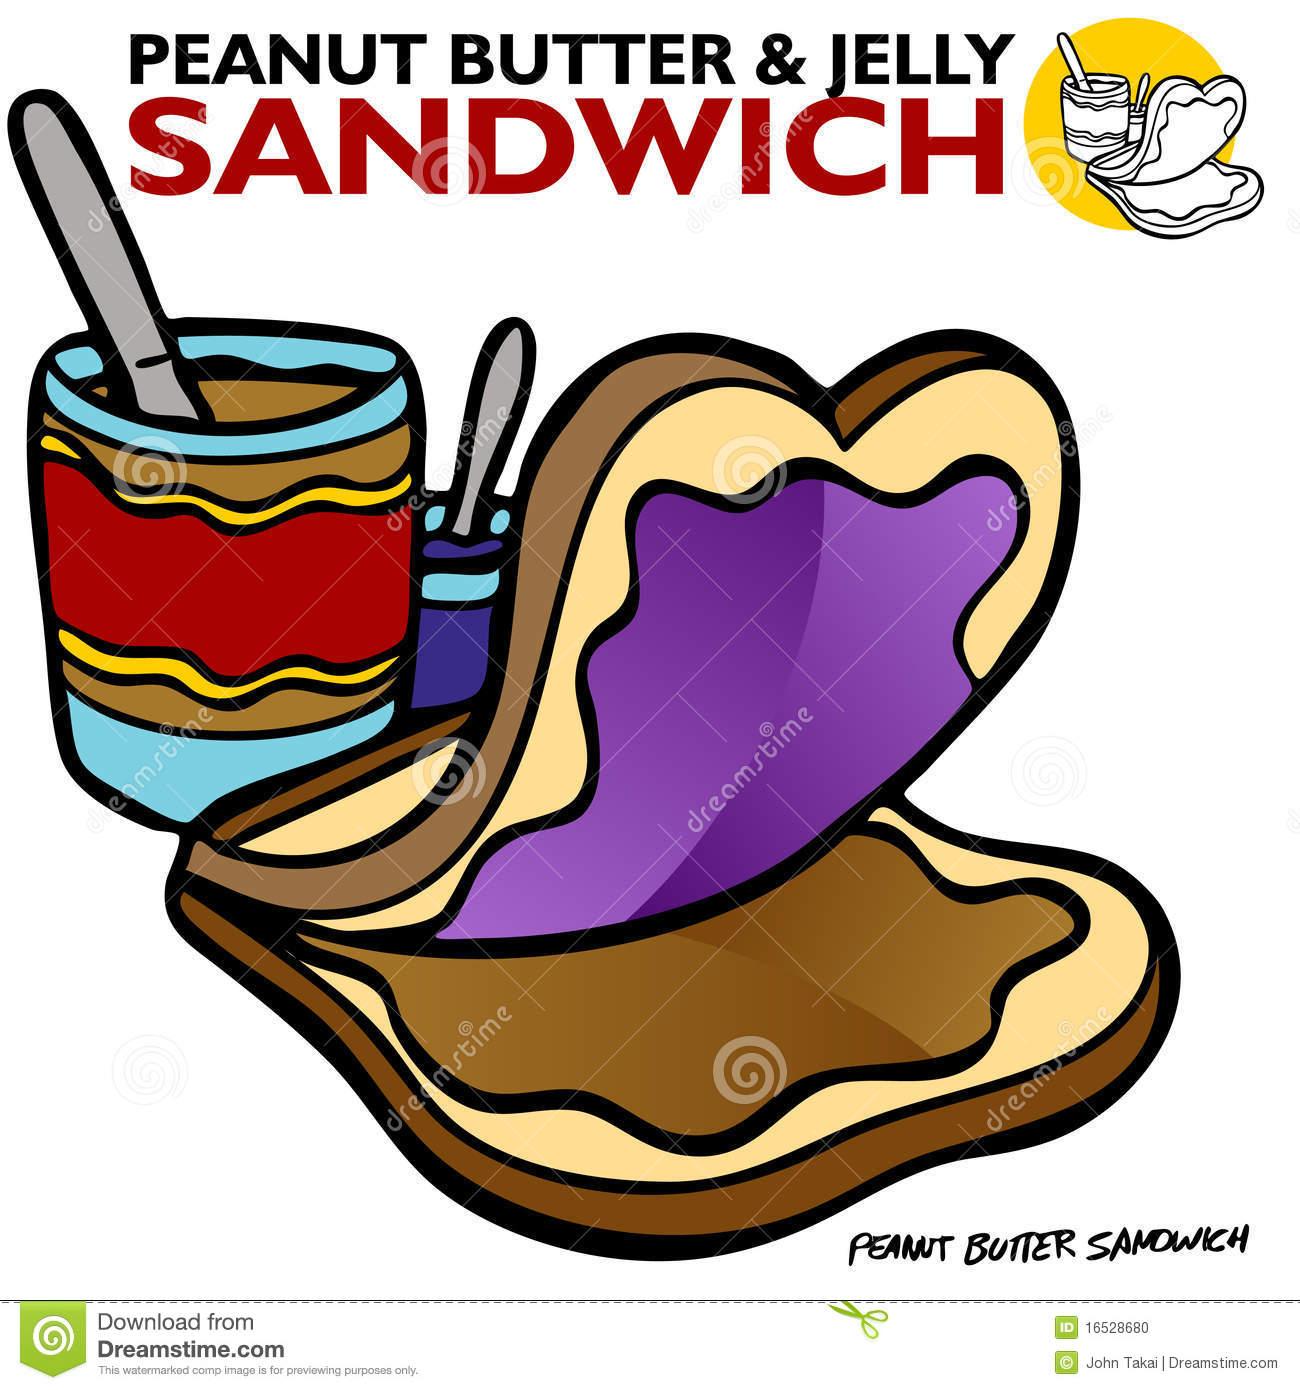 Peanut Butter Jelly Sandwich-Peanut Butter Jelly Sandwich-16